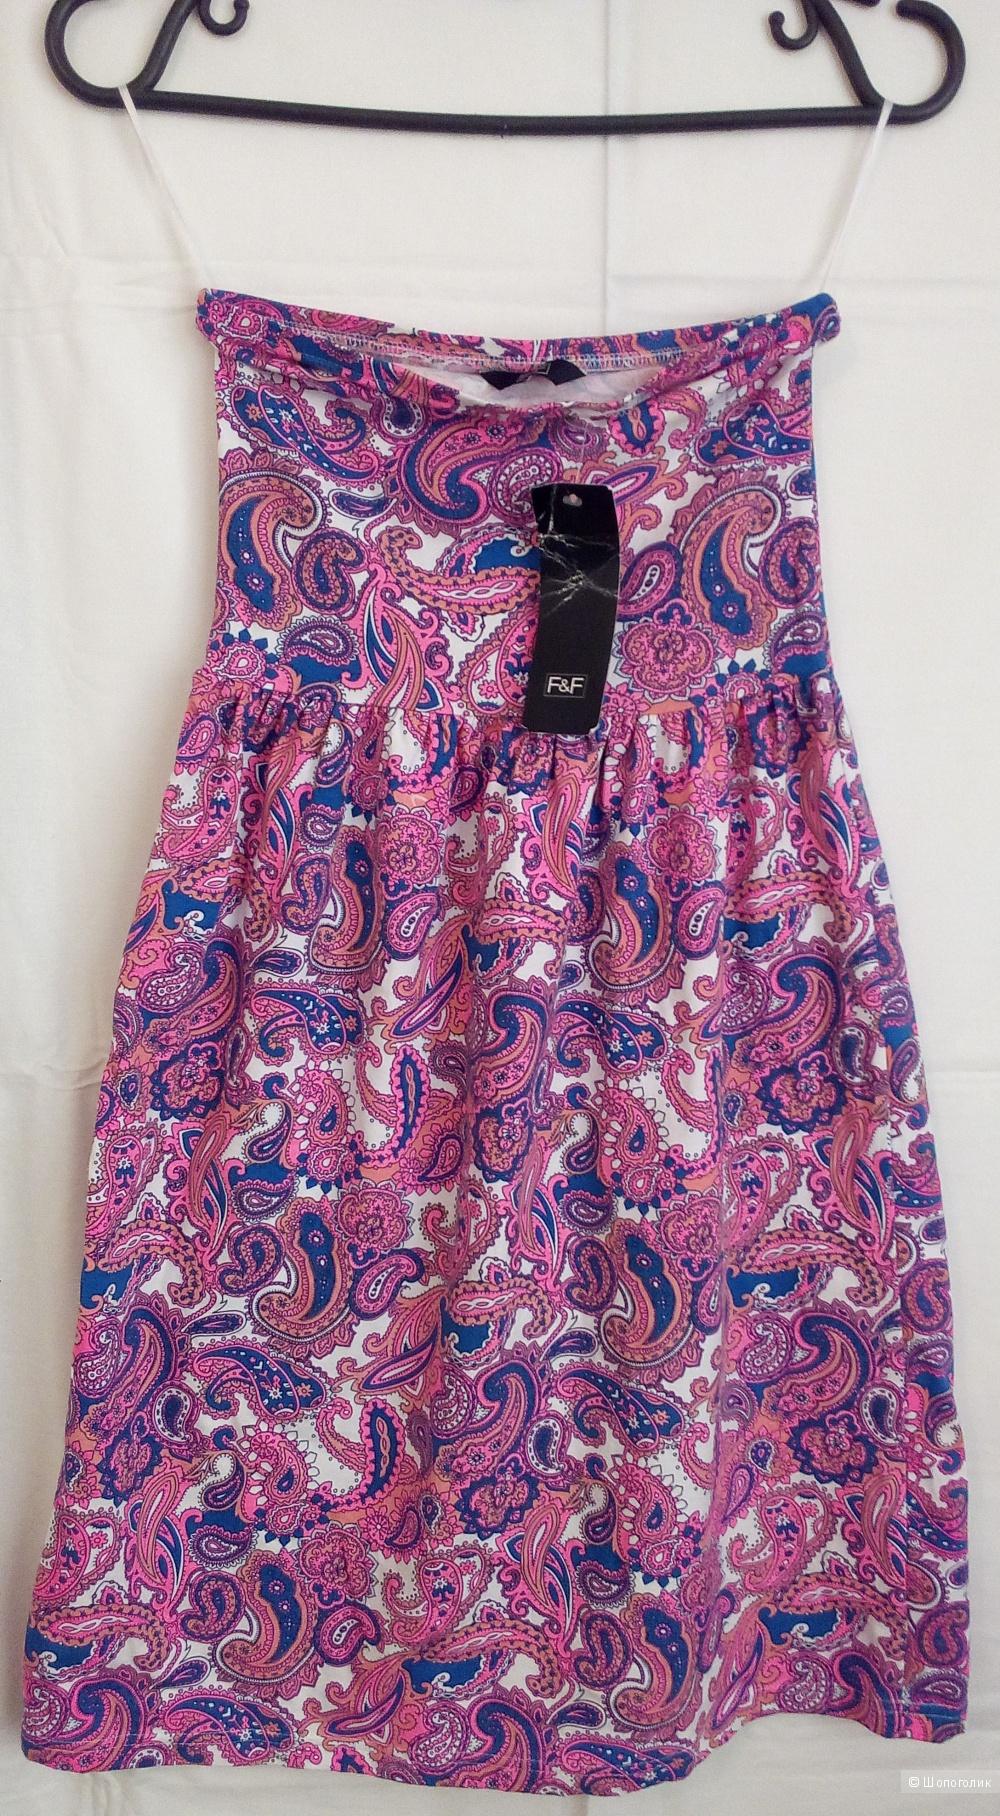 """Летнее платье без бретелек  модный бренд """"F&F"""", размер 38"""